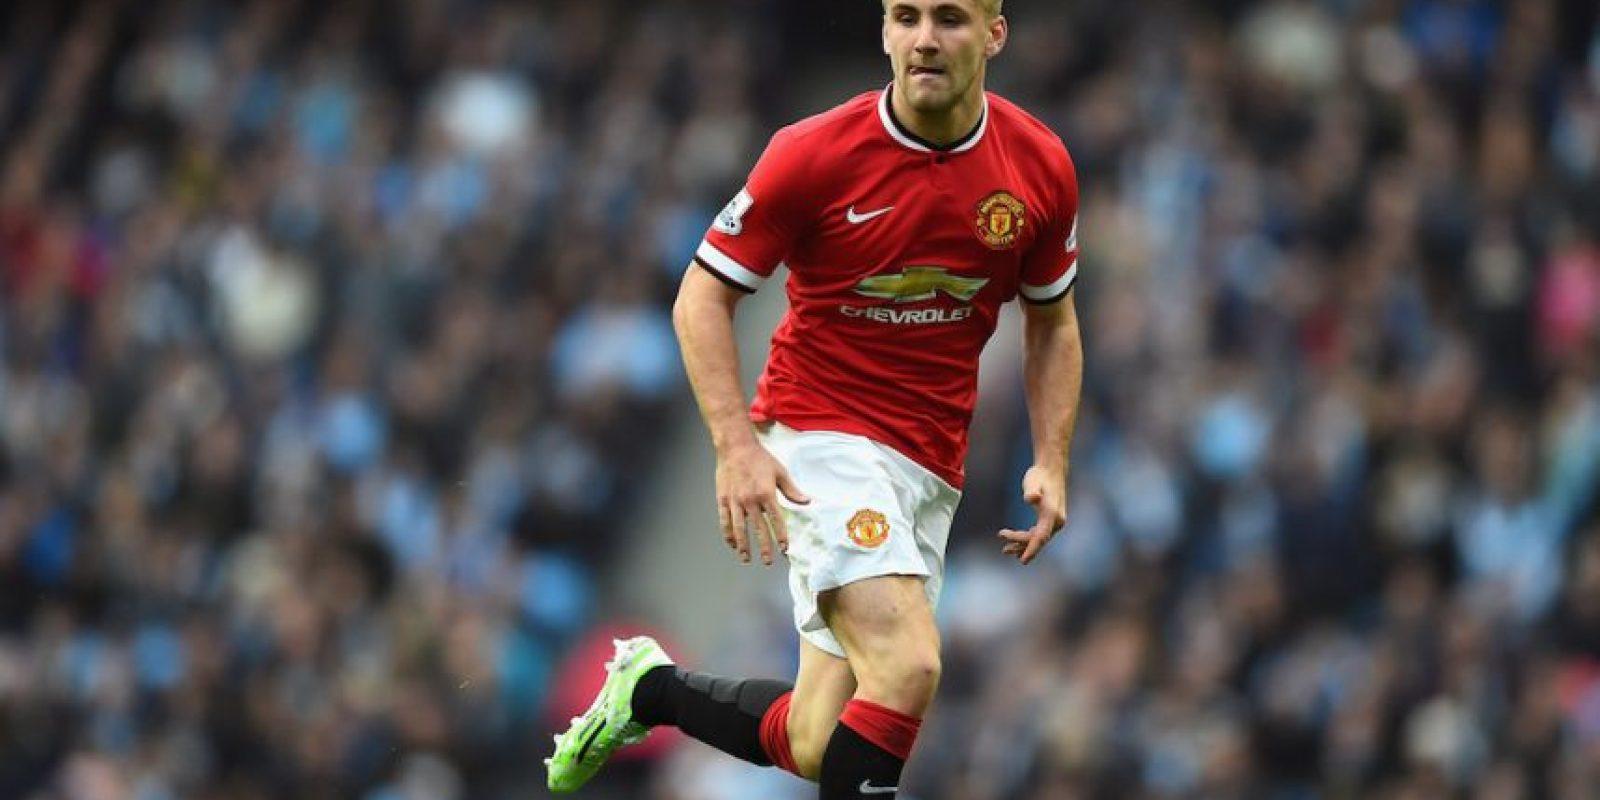 El inglés de 19 años de edad fue fichado por el Manchester united proveniente del Southampton. Foto:Getty Images